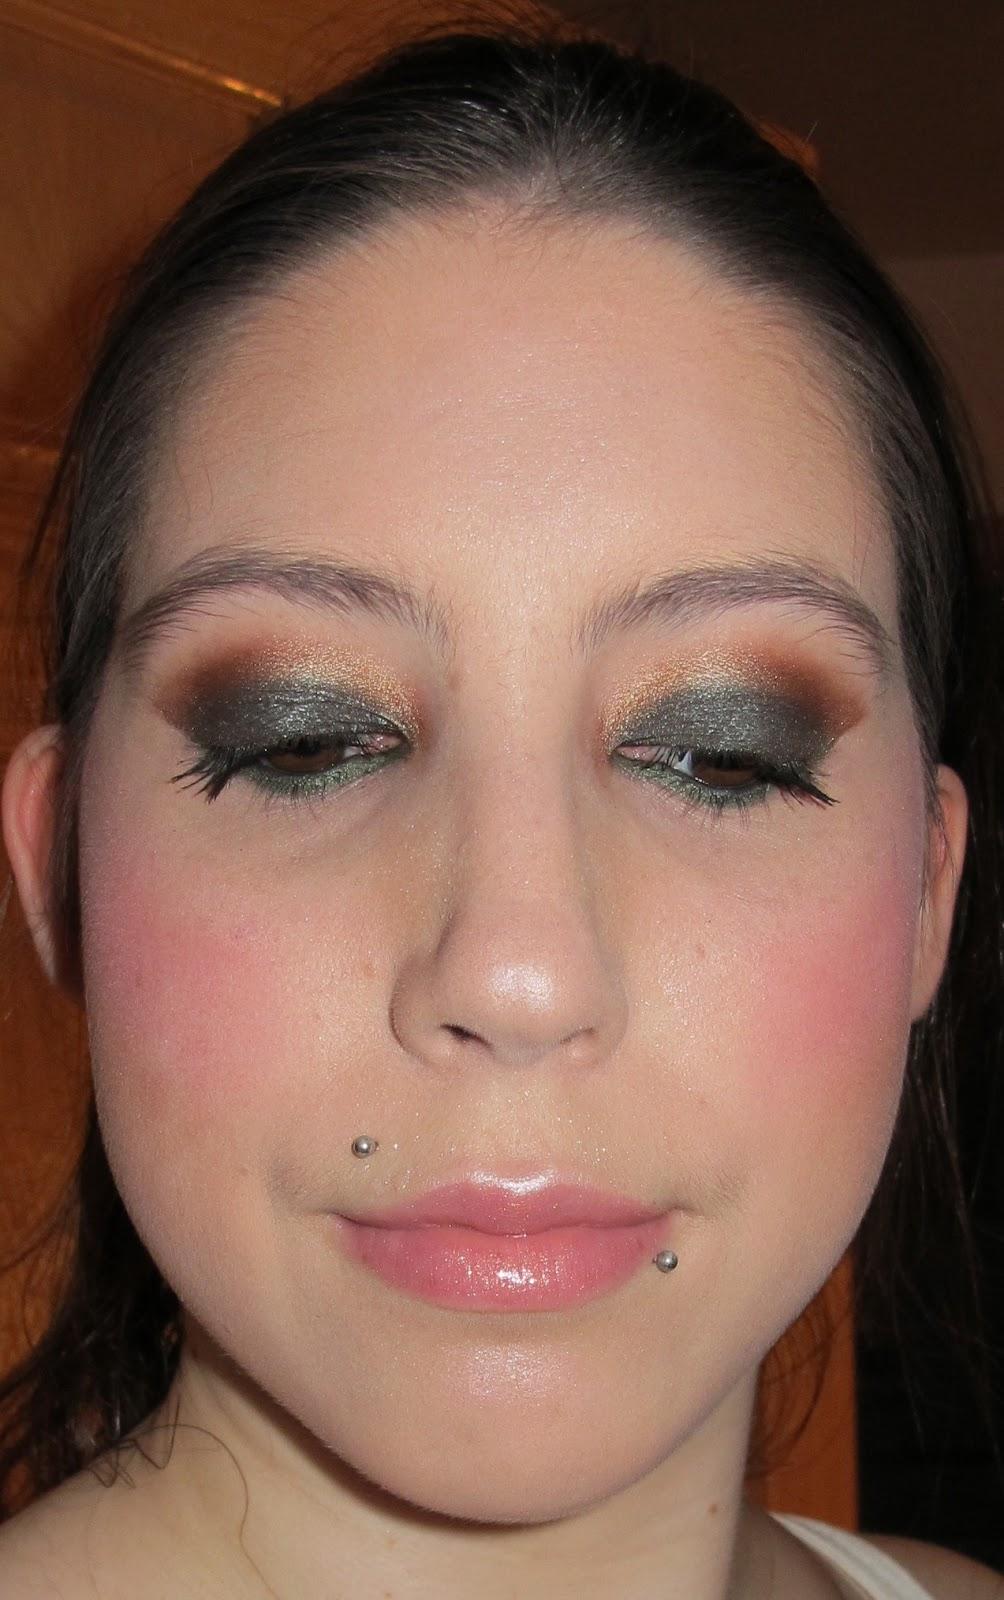 Mac Eyeshadow: Steph Stud Makeup: MAC Club Eyeshadow Look And How To Wear It